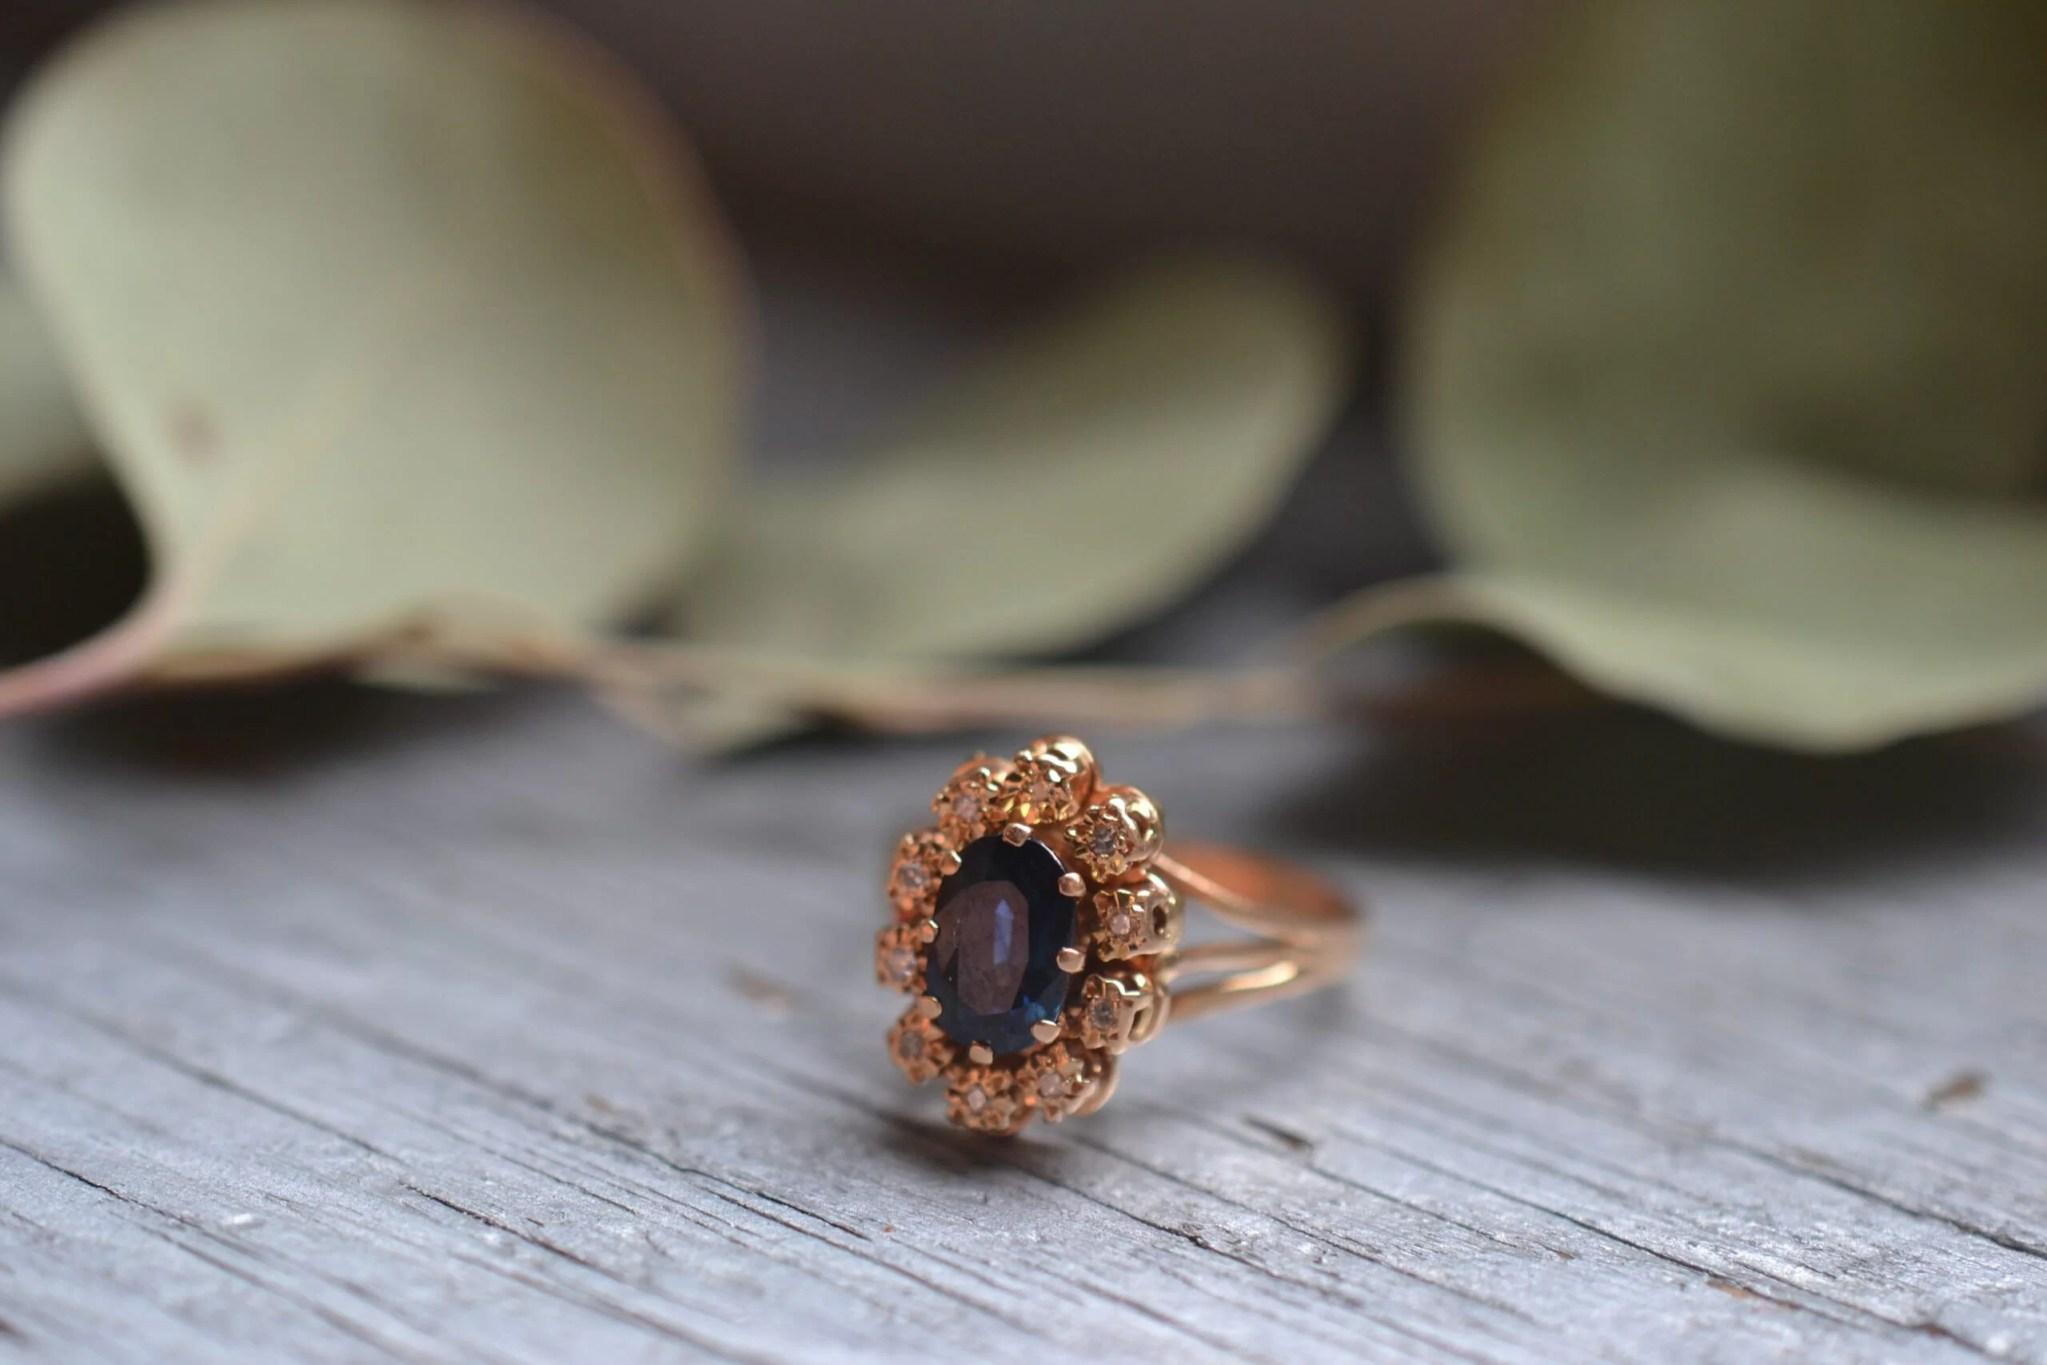 Bague Marguerite Occasion En Or Jaune 18 Carats (750/1000), Ornée D'une Pierre Saphir Et De Petits Diamants